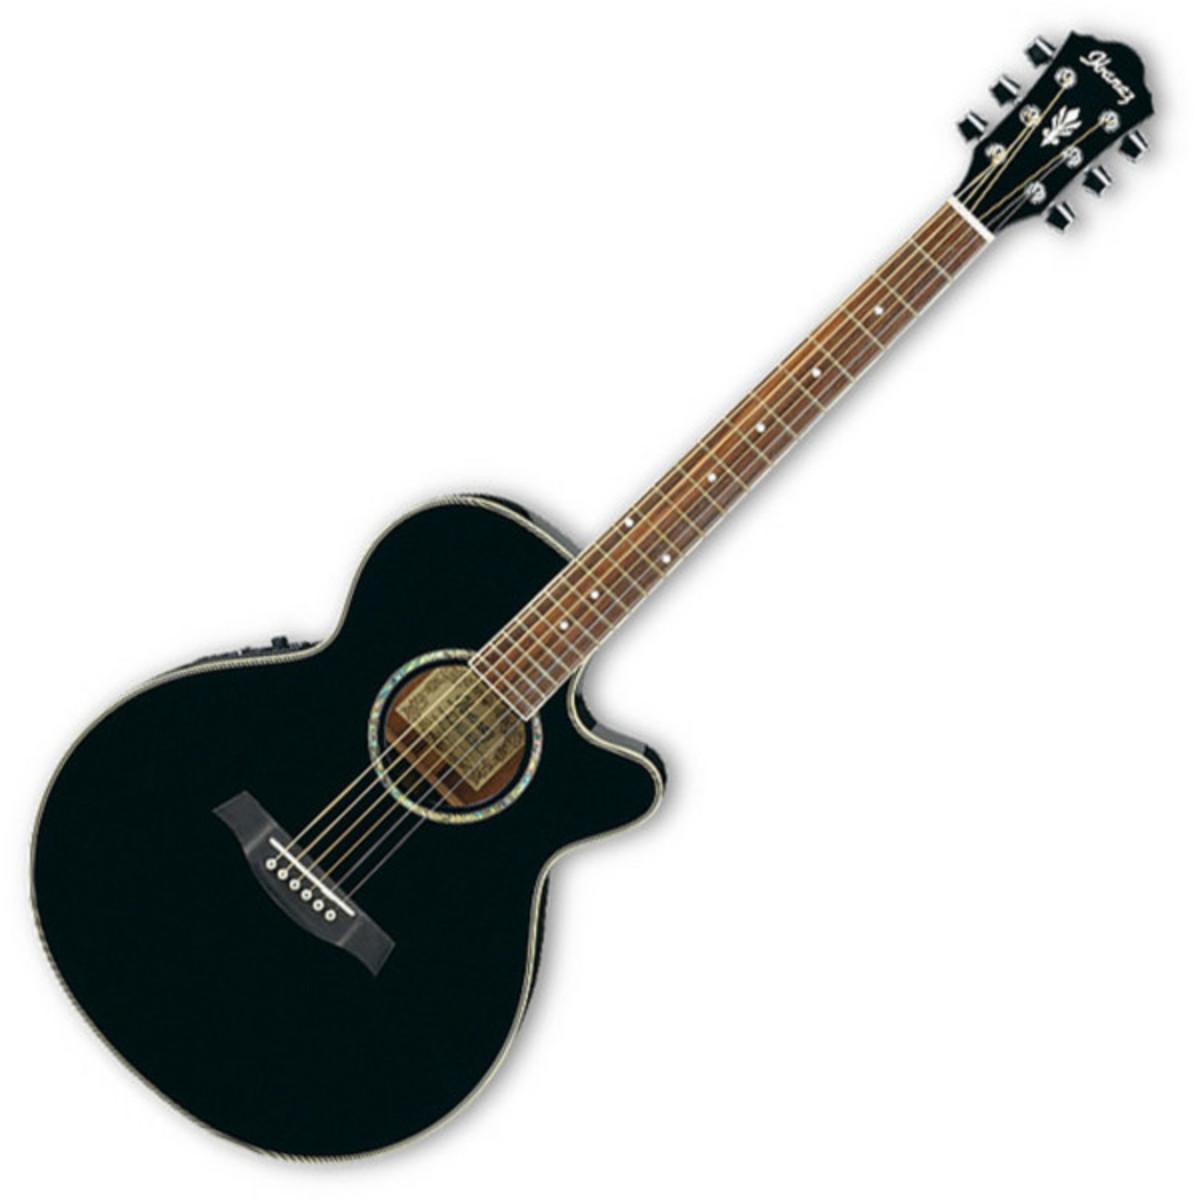 disc ibanez aeg10e electro acoustique guitare noir avec. Black Bedroom Furniture Sets. Home Design Ideas